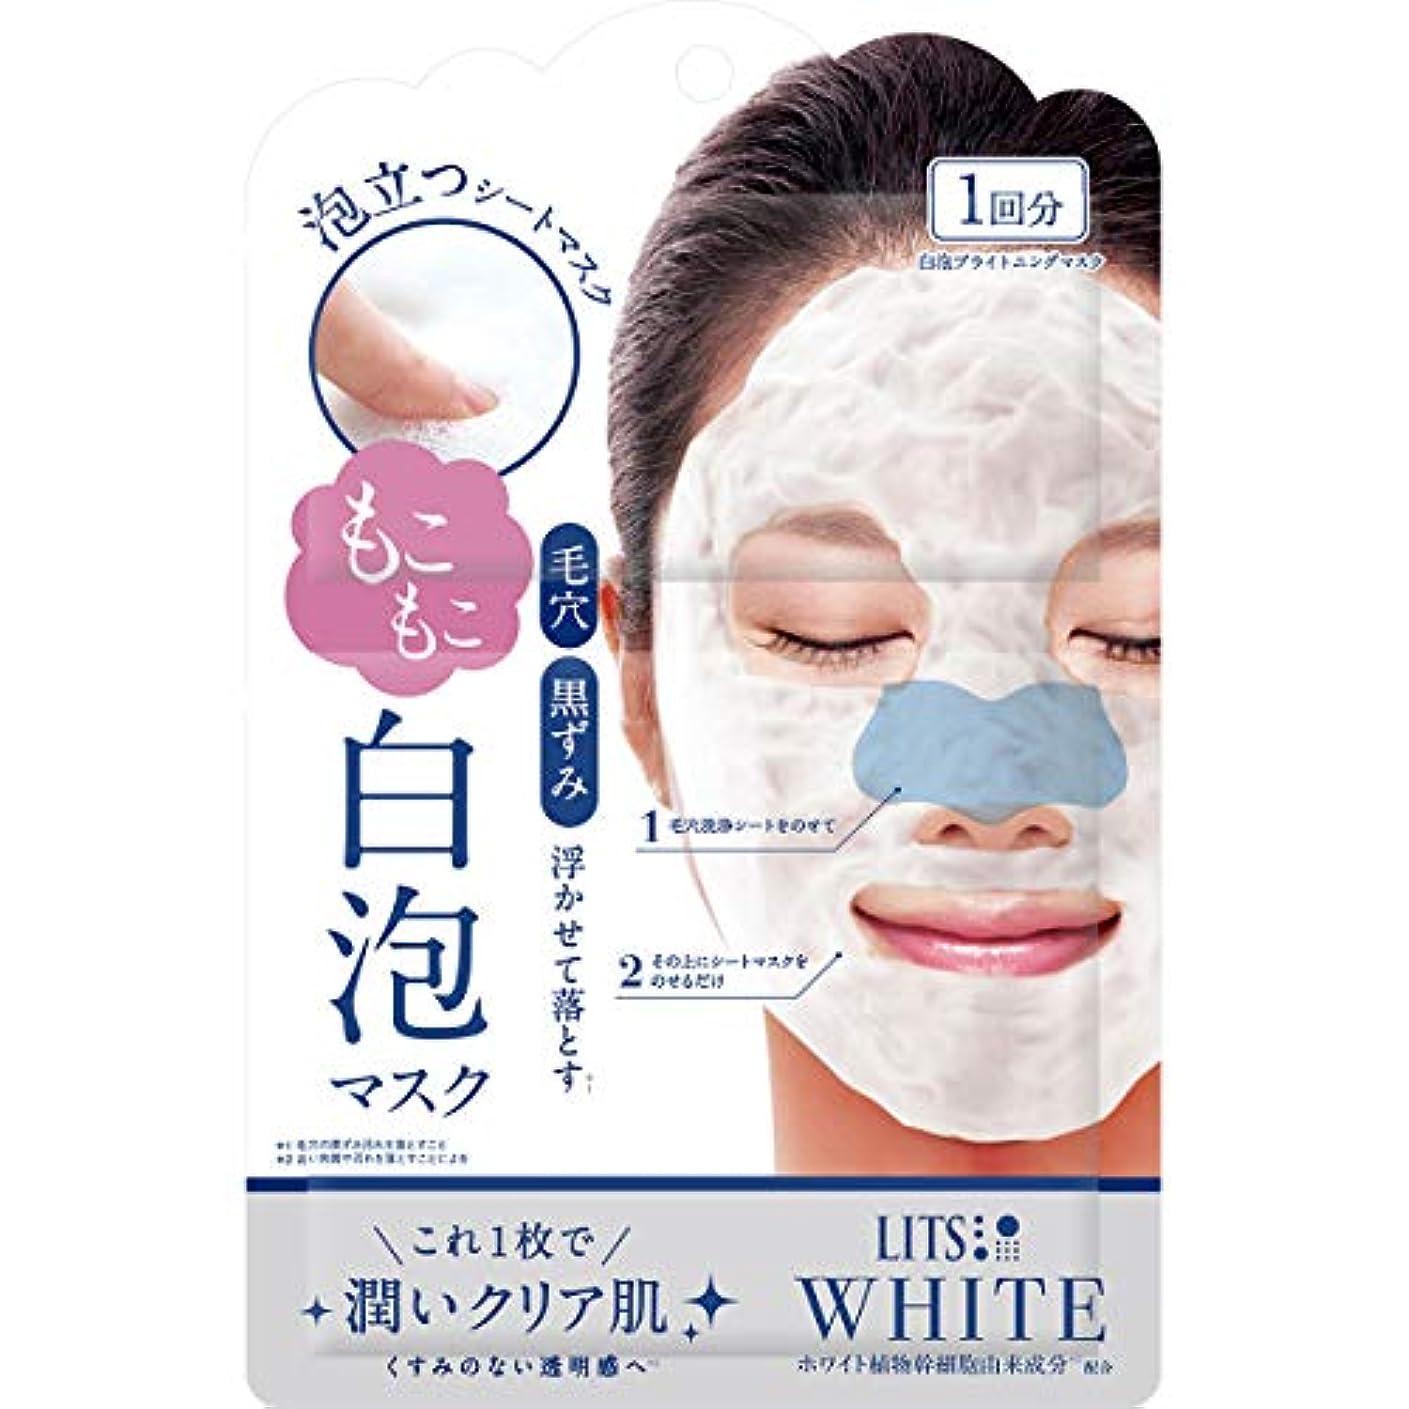 高度な北極圏蒸留リッツ ホワイト もこもこ白泡マスク 1枚